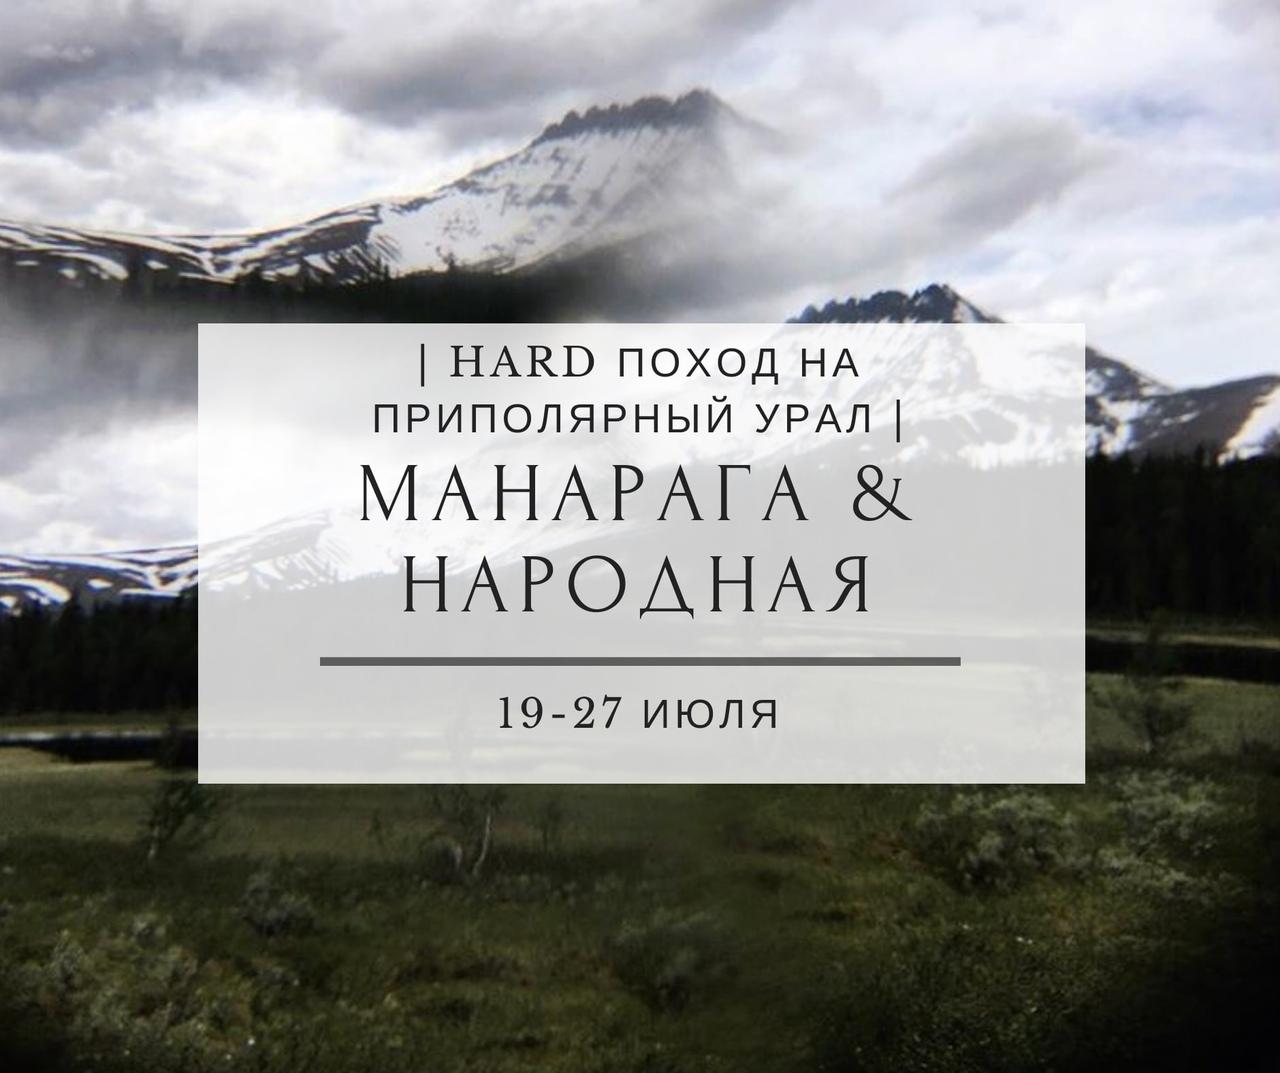 Афиша Тюмень МАНАРАГА&НАРОДНАЯ /19-27 ИЮЛЯ/ ПРИПОЛЯРНЫЙ УРАЛ